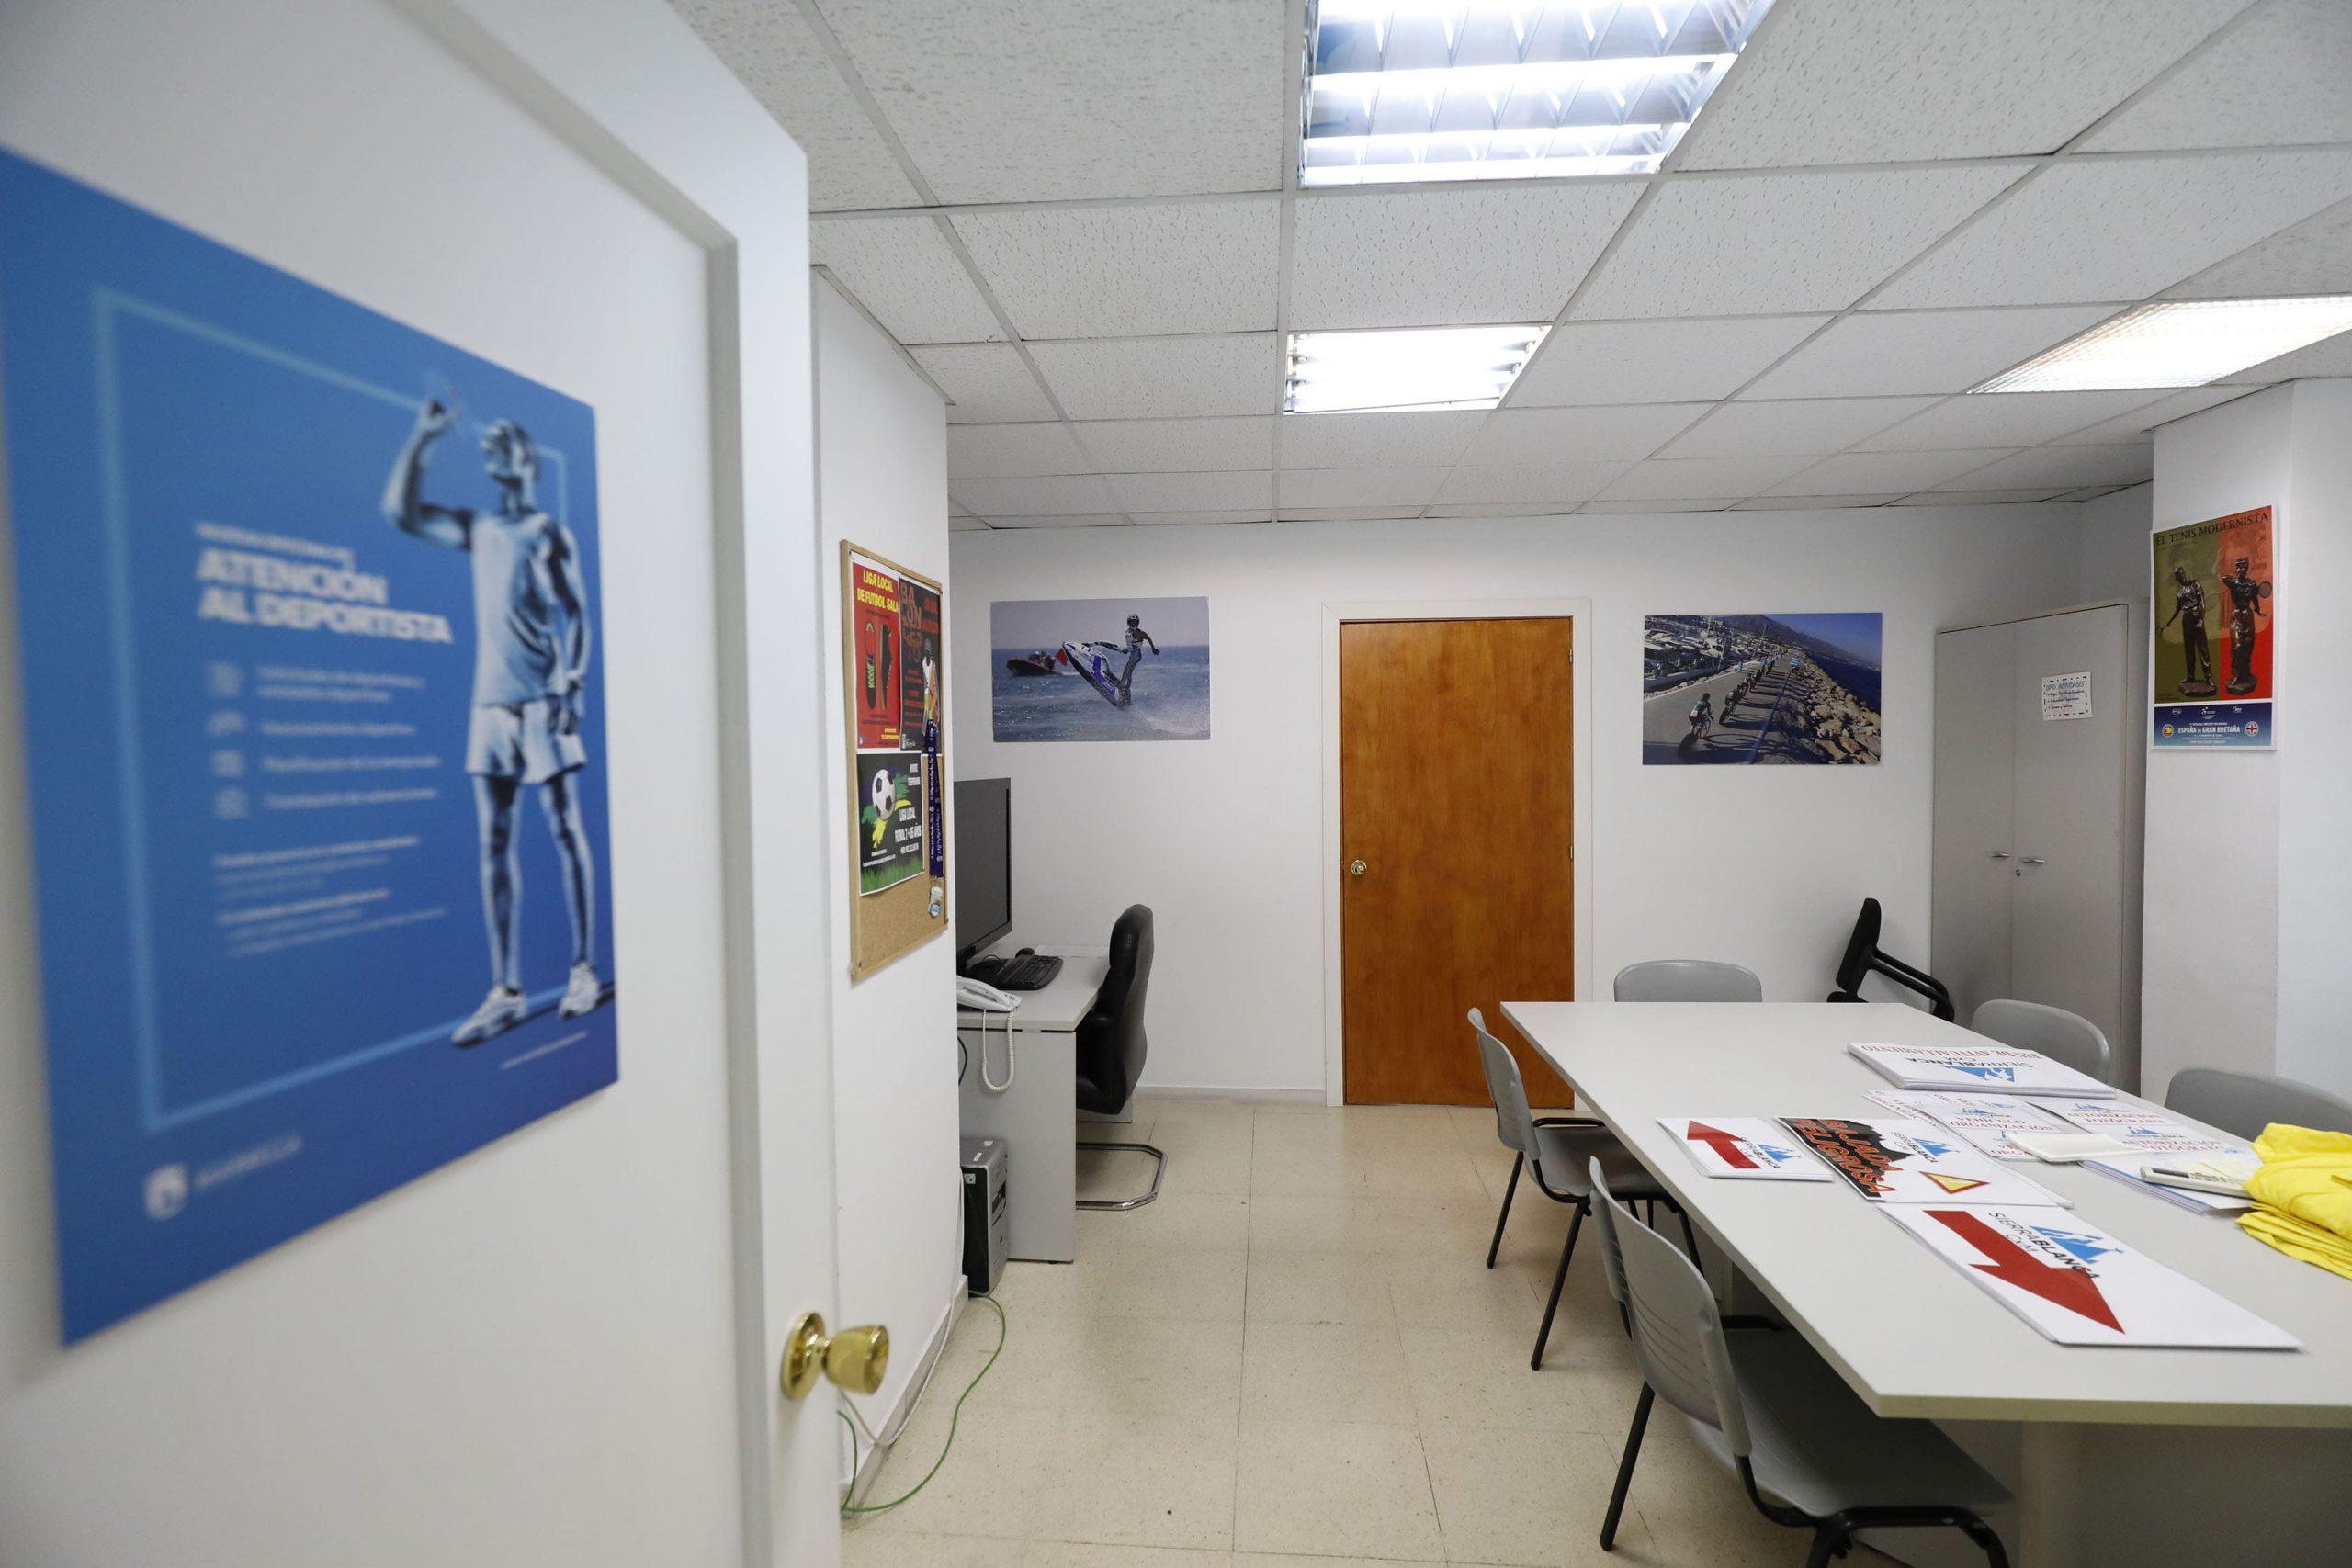 Oficina de Atención al Deportista del Ayuntamiento de Marbella